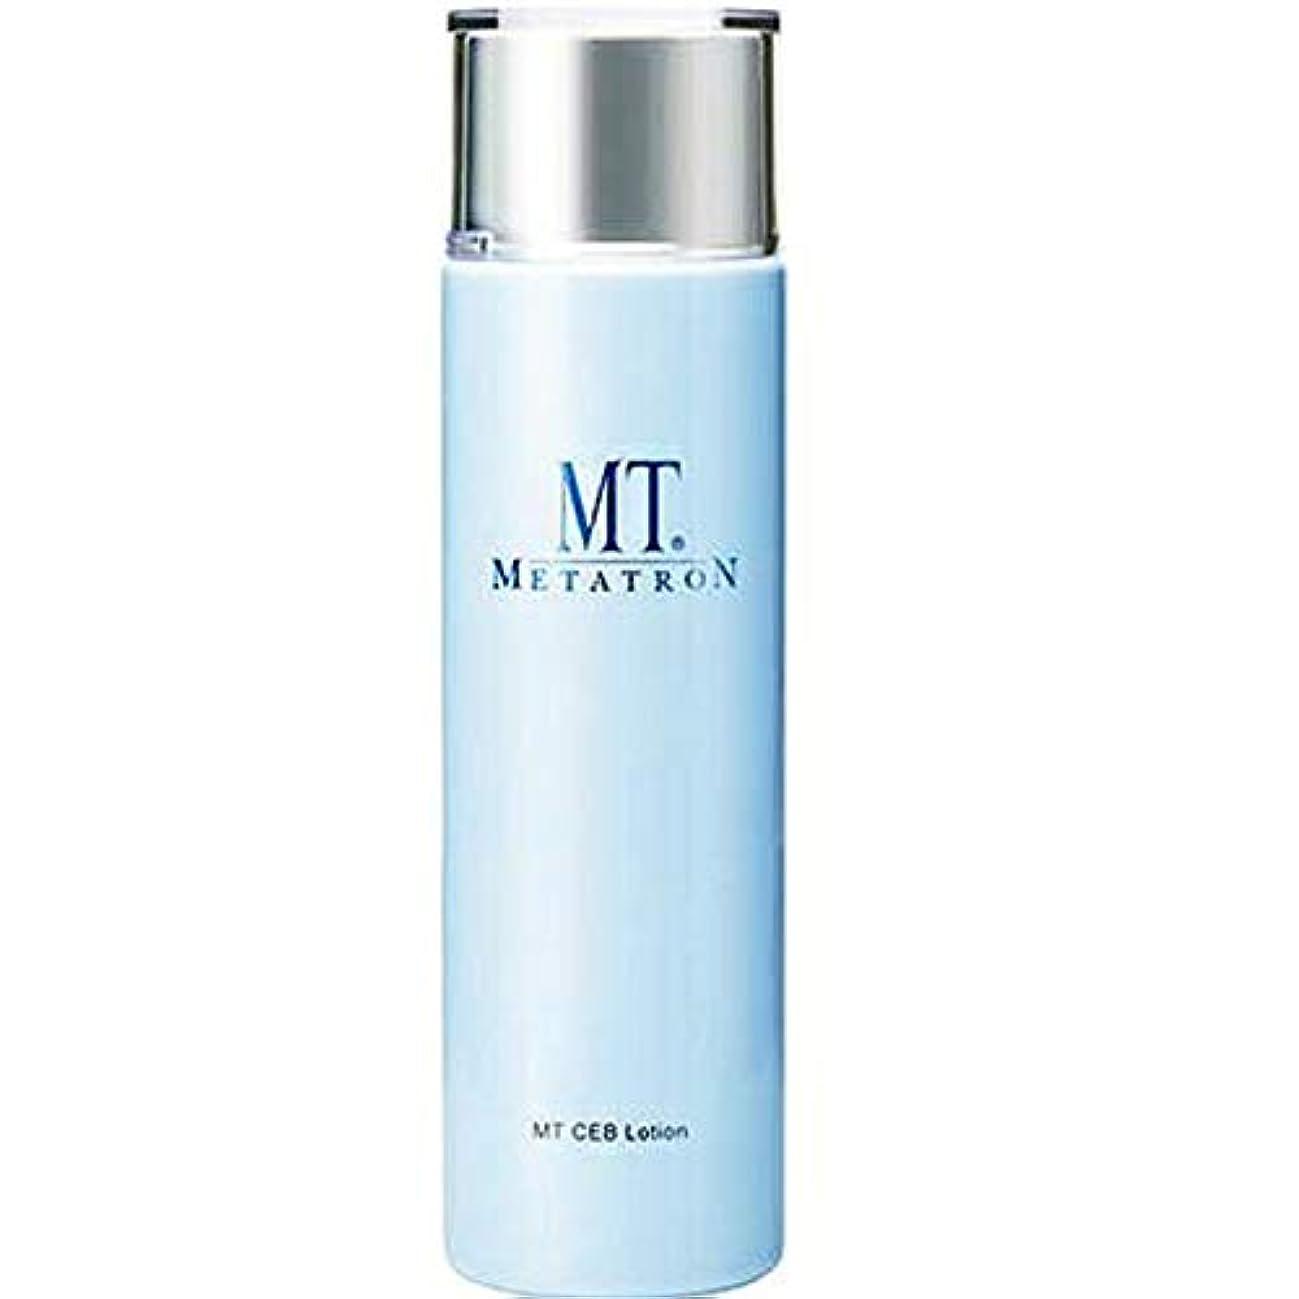 絶滅させる毛皮常識MTメタトロン MT CEB ローション 150mL 化粧水